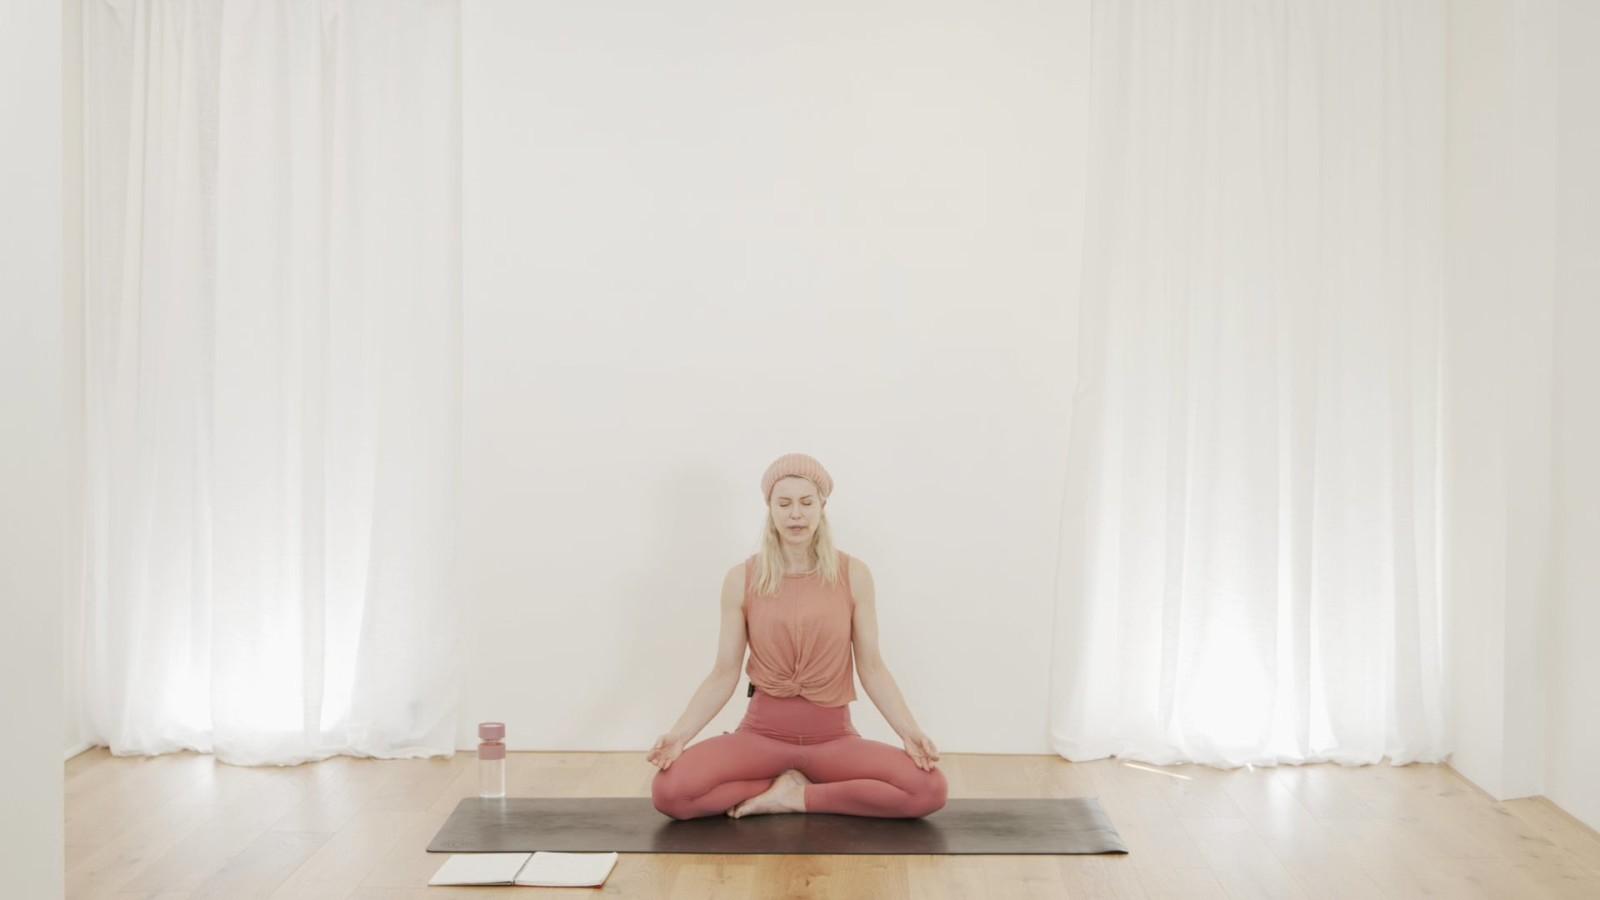 Vinyasa Flow to get into the Flow of Life with Aimee Pedersen